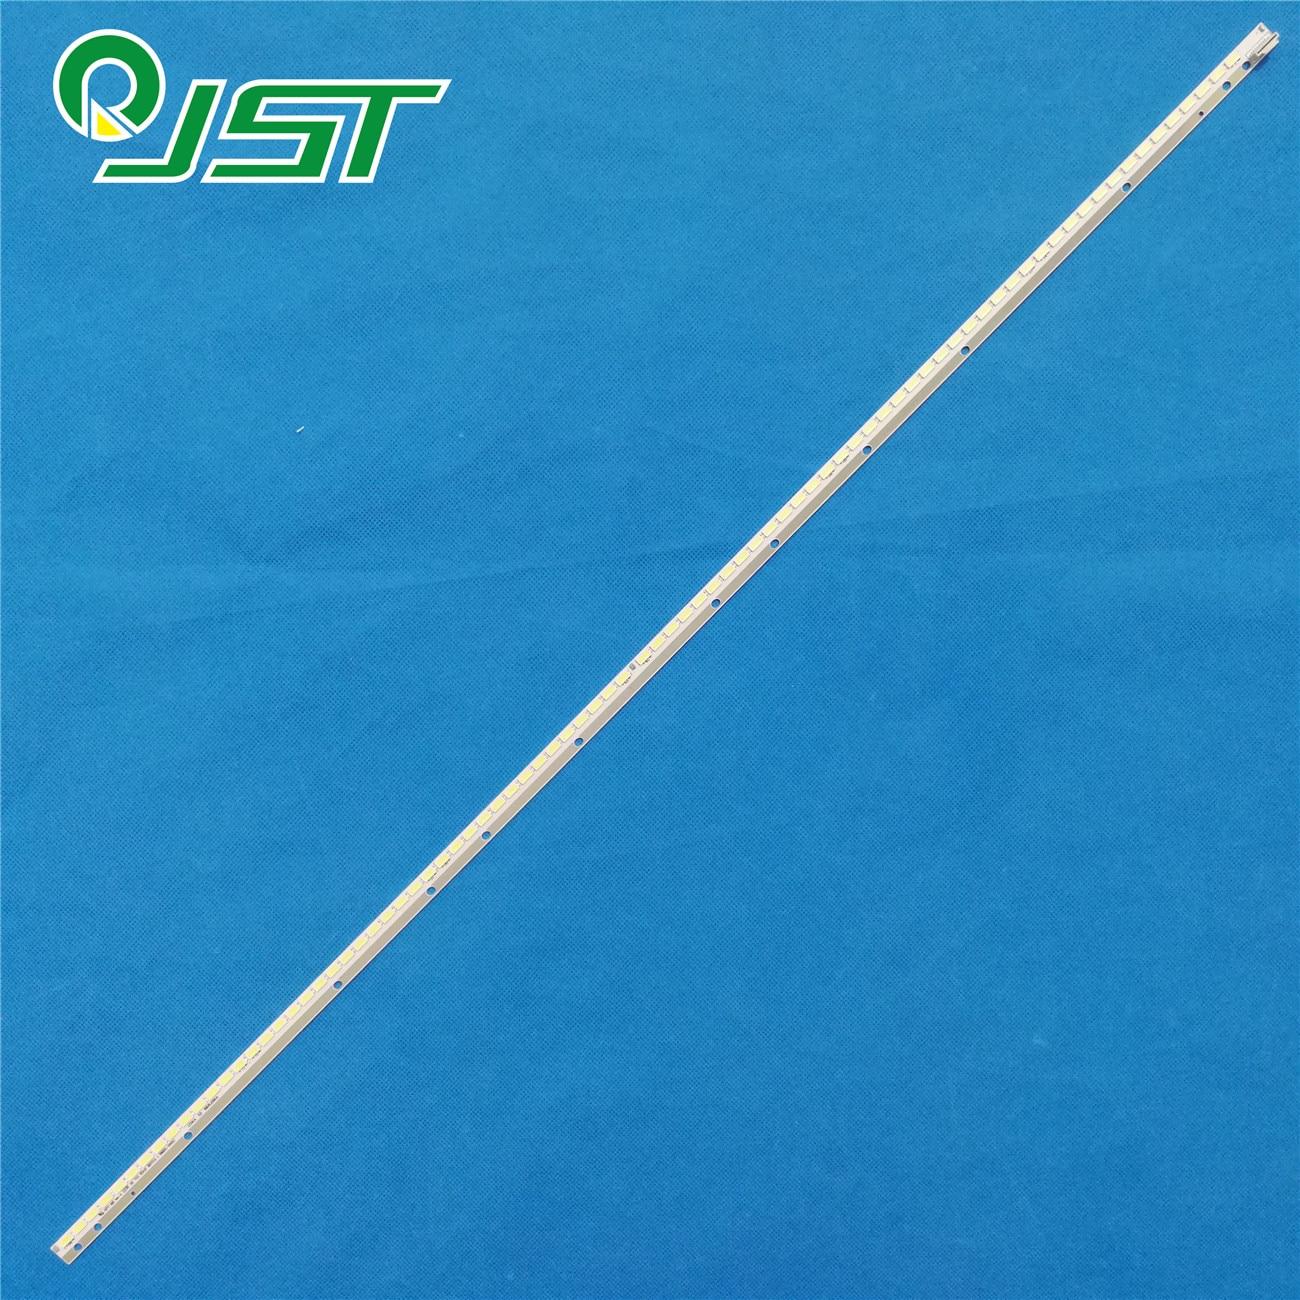 100% nova 1pcs/Kit tiras de LED para TV CHANGHONG LT55BN93L LC550EUN SF M2 6922L 0048A 6916L 1535A 55 V13 Borda REV0.4 1 6920L 0001C